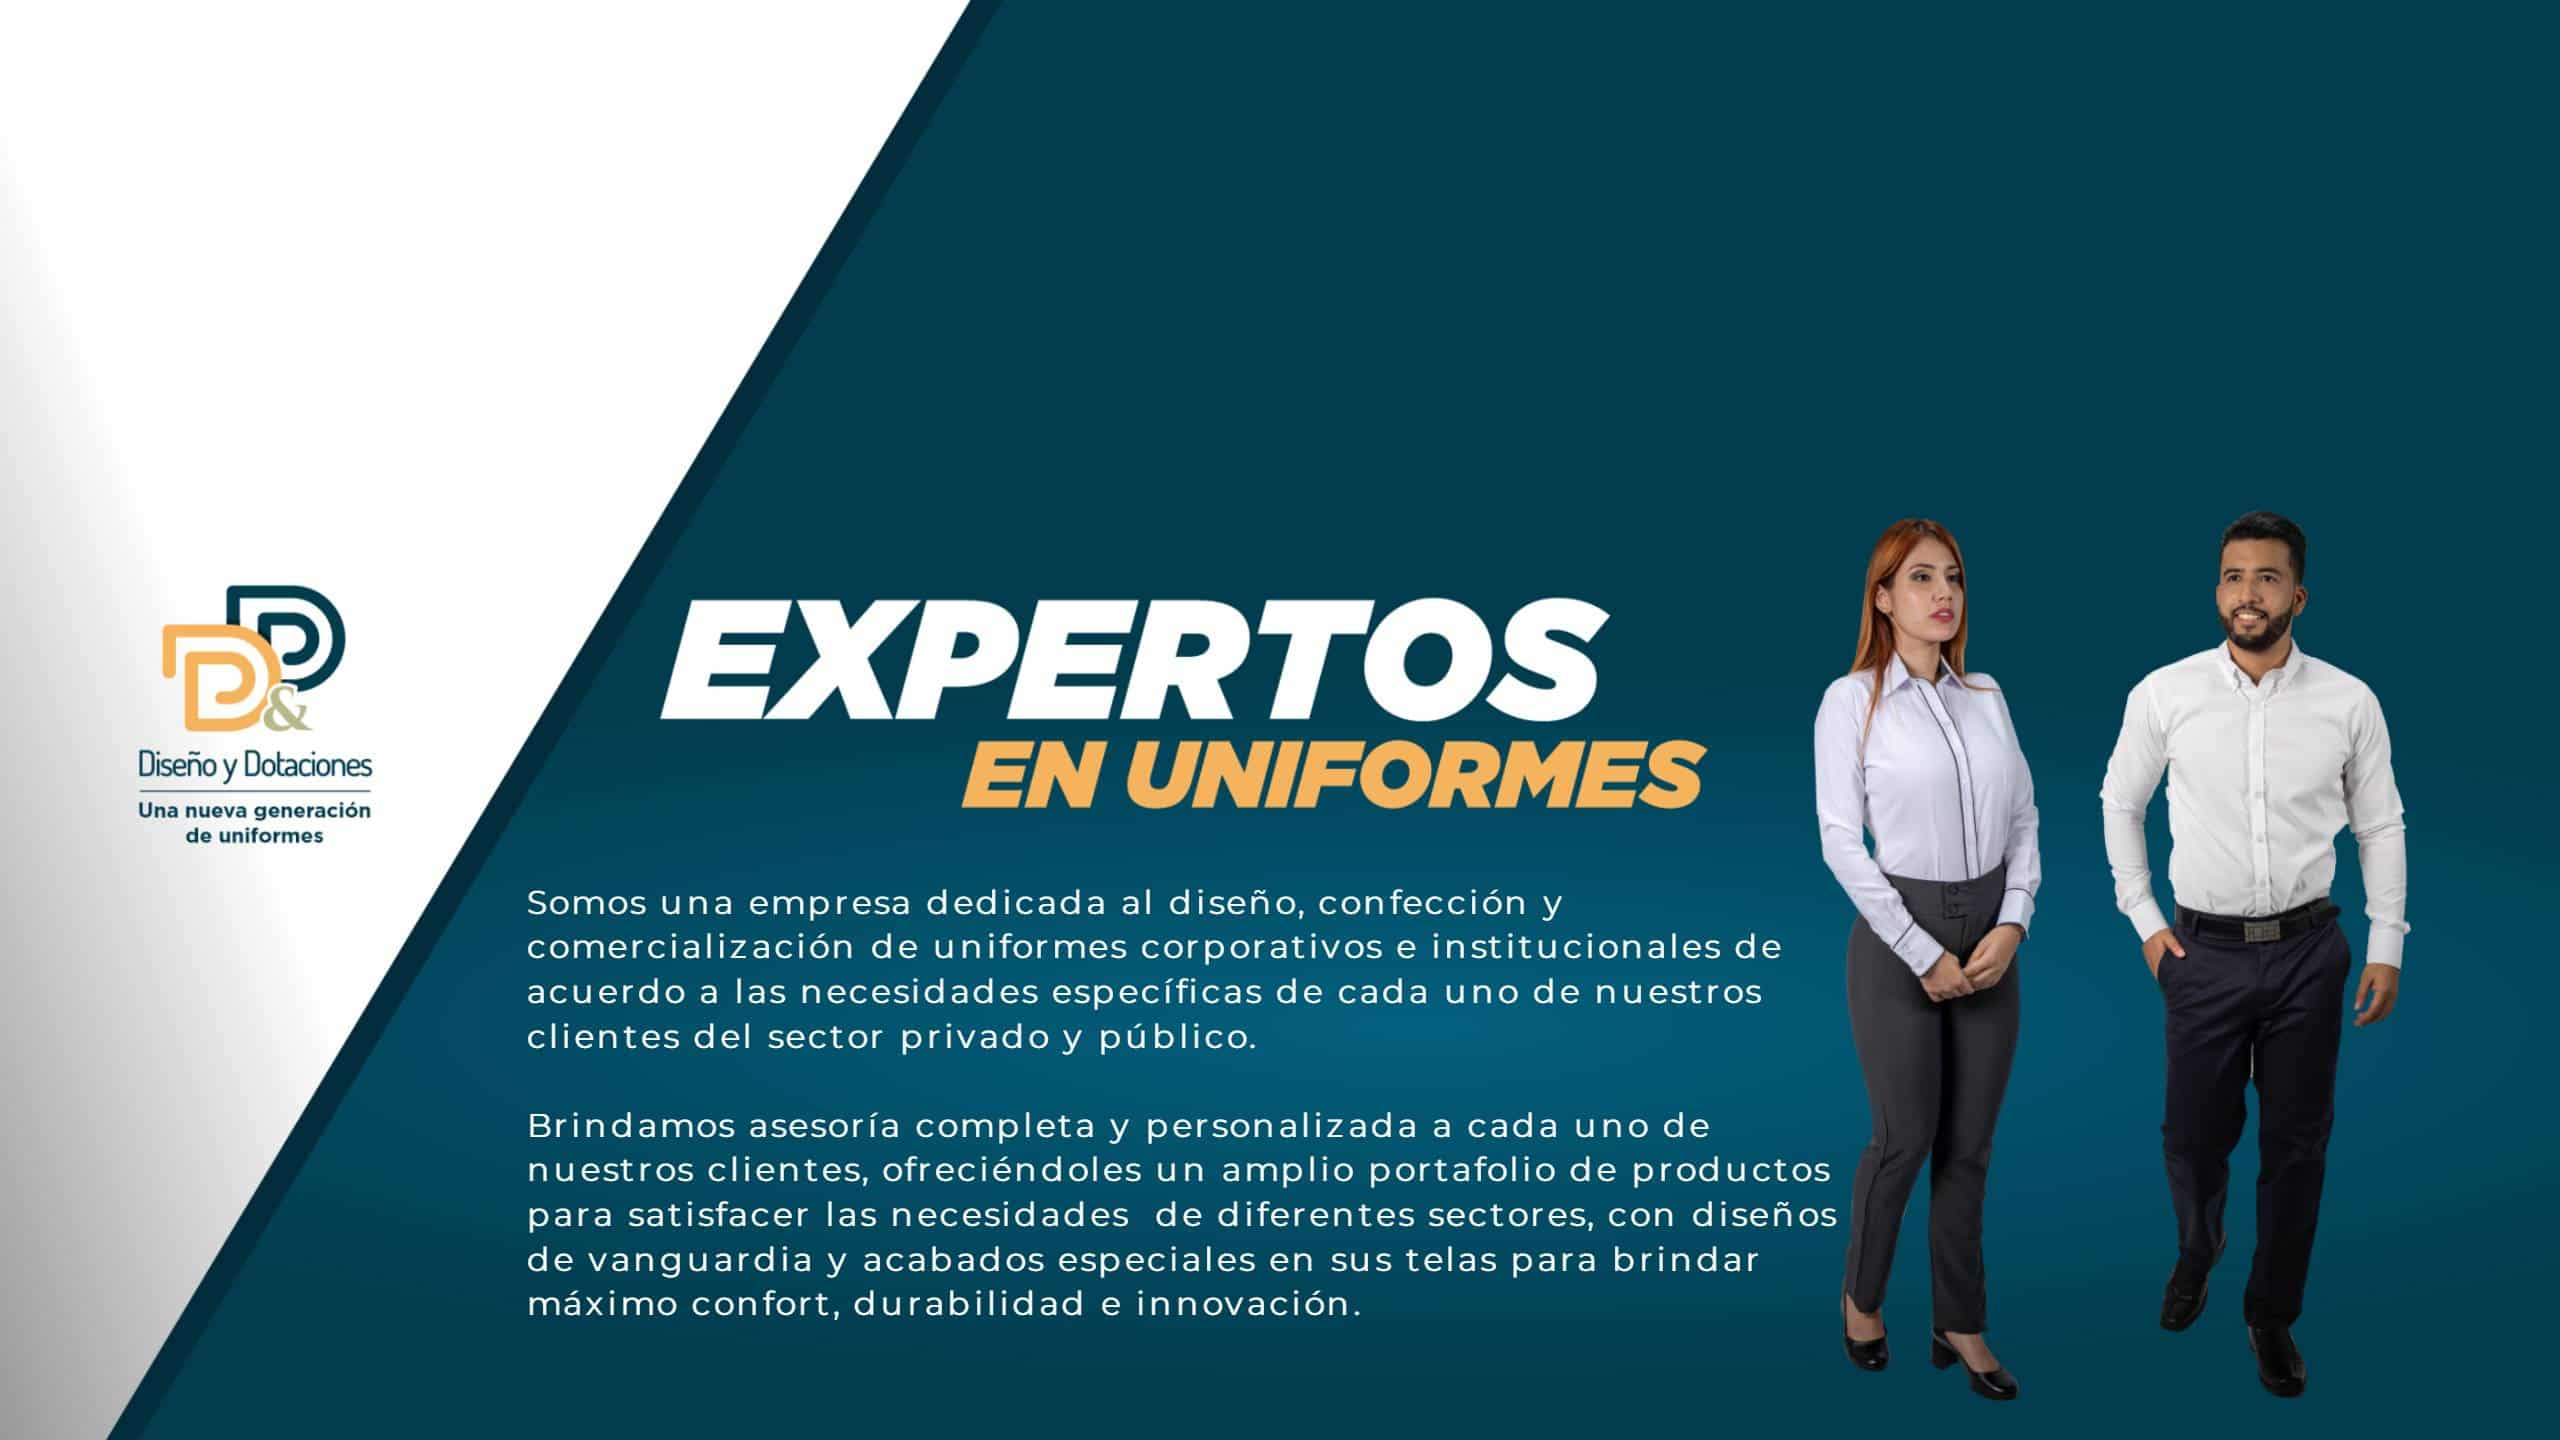 Expertos en diseño, confección y comercialización de dotación de uniformes corporativos e institucionales